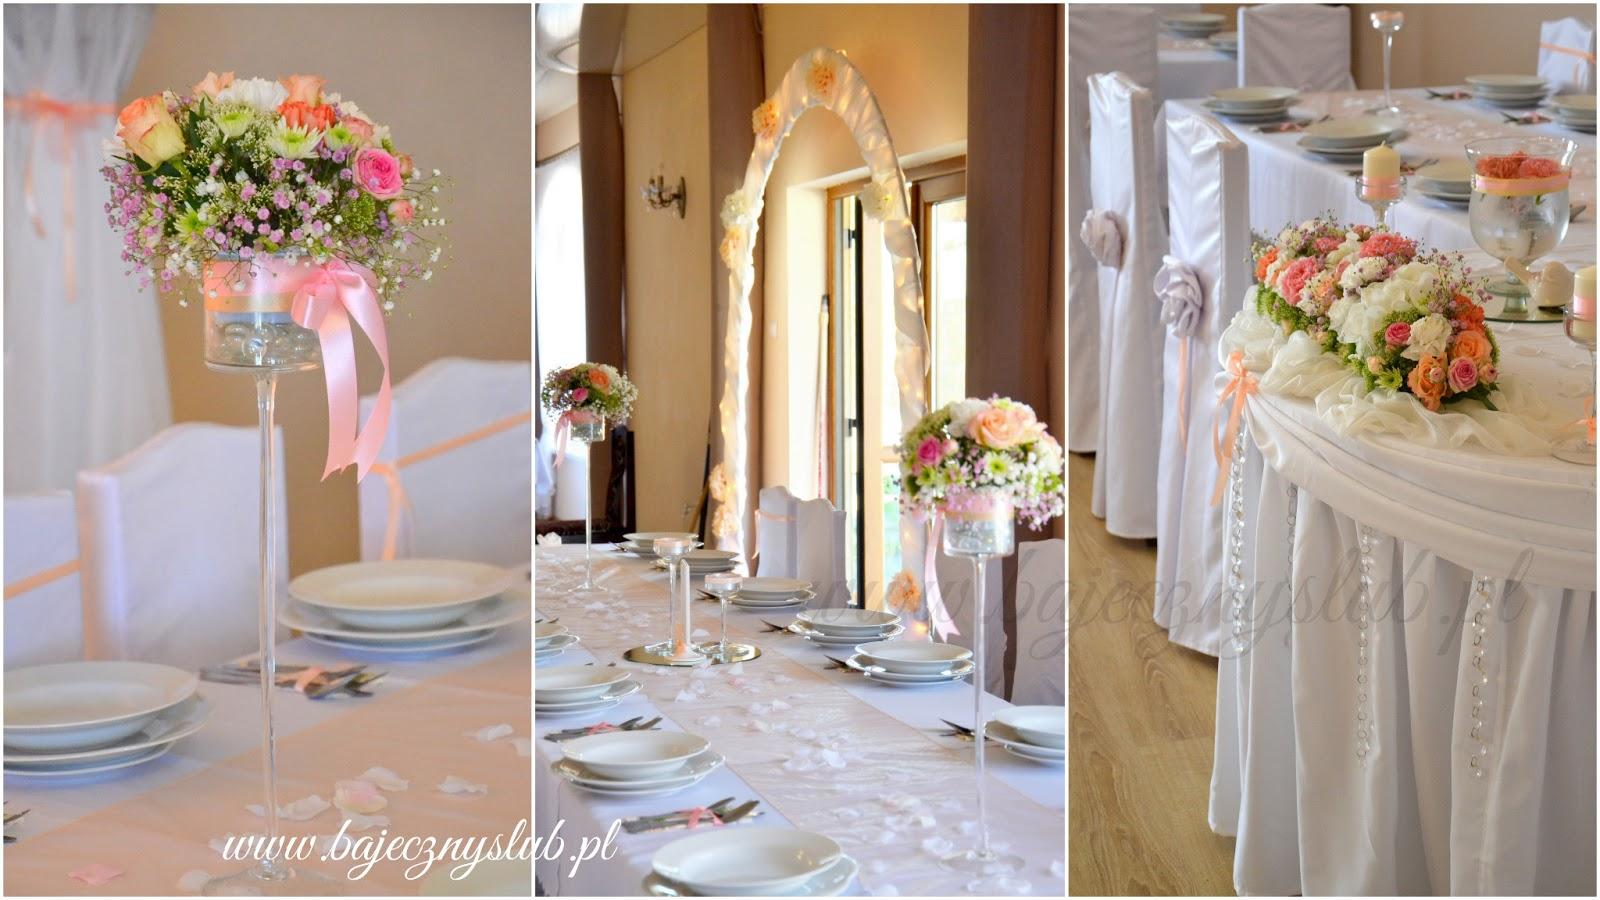 Bajeczny ślub świdnica Dekoracje ślubne Pastelowo łososiowa